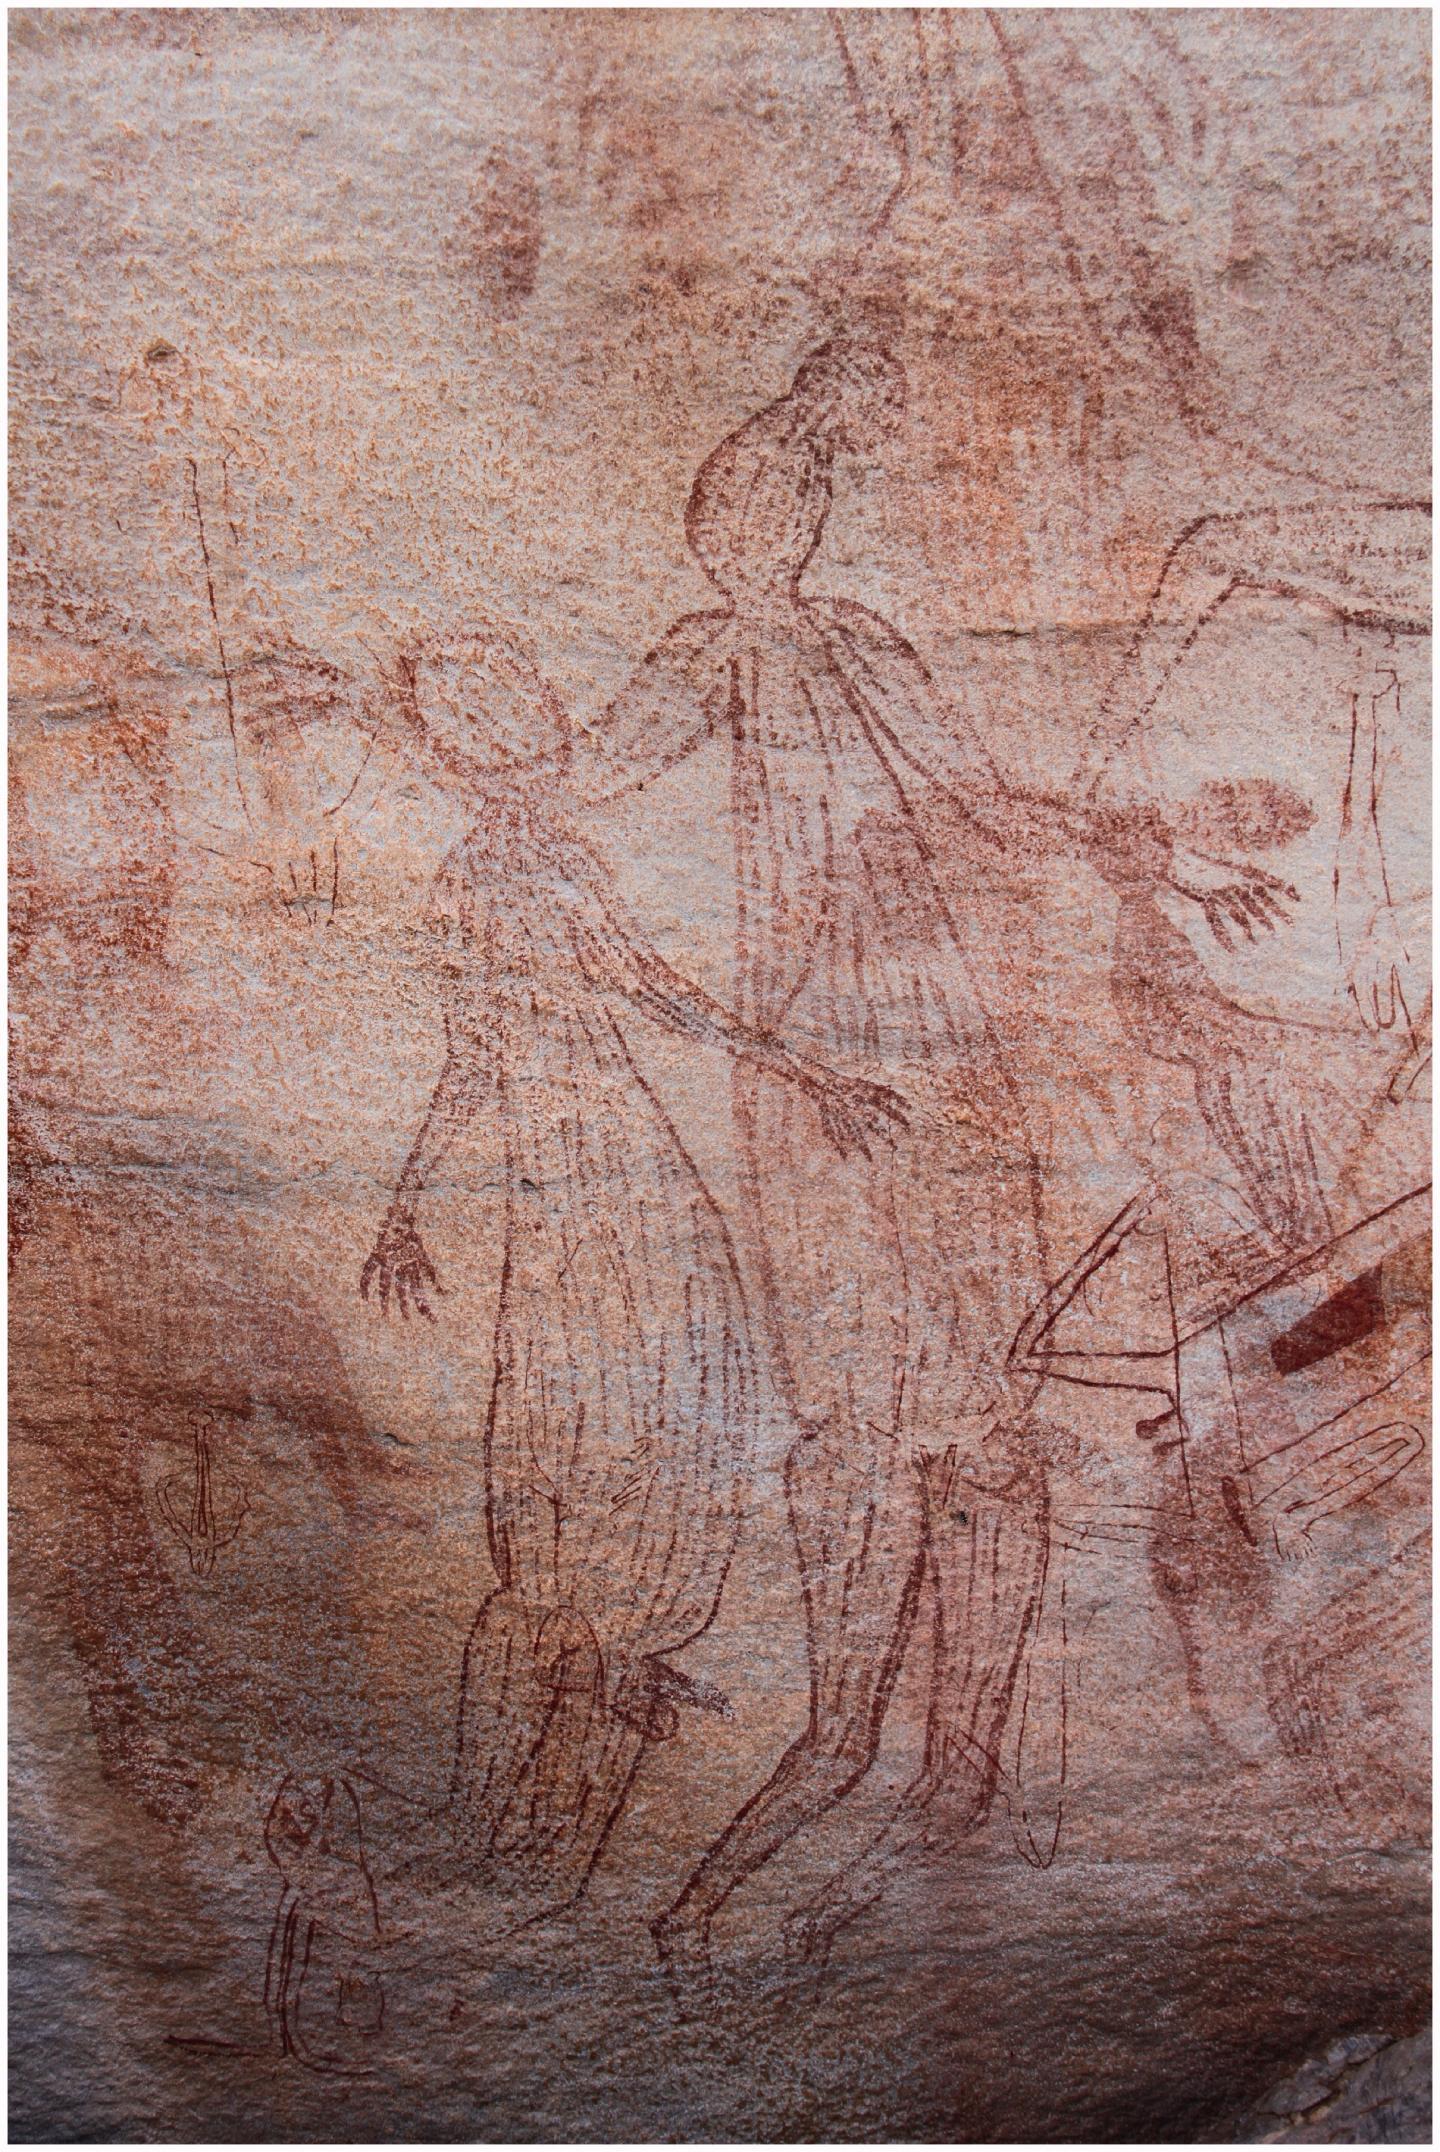 Large male Maliwawa human figures from an Awunbarna site